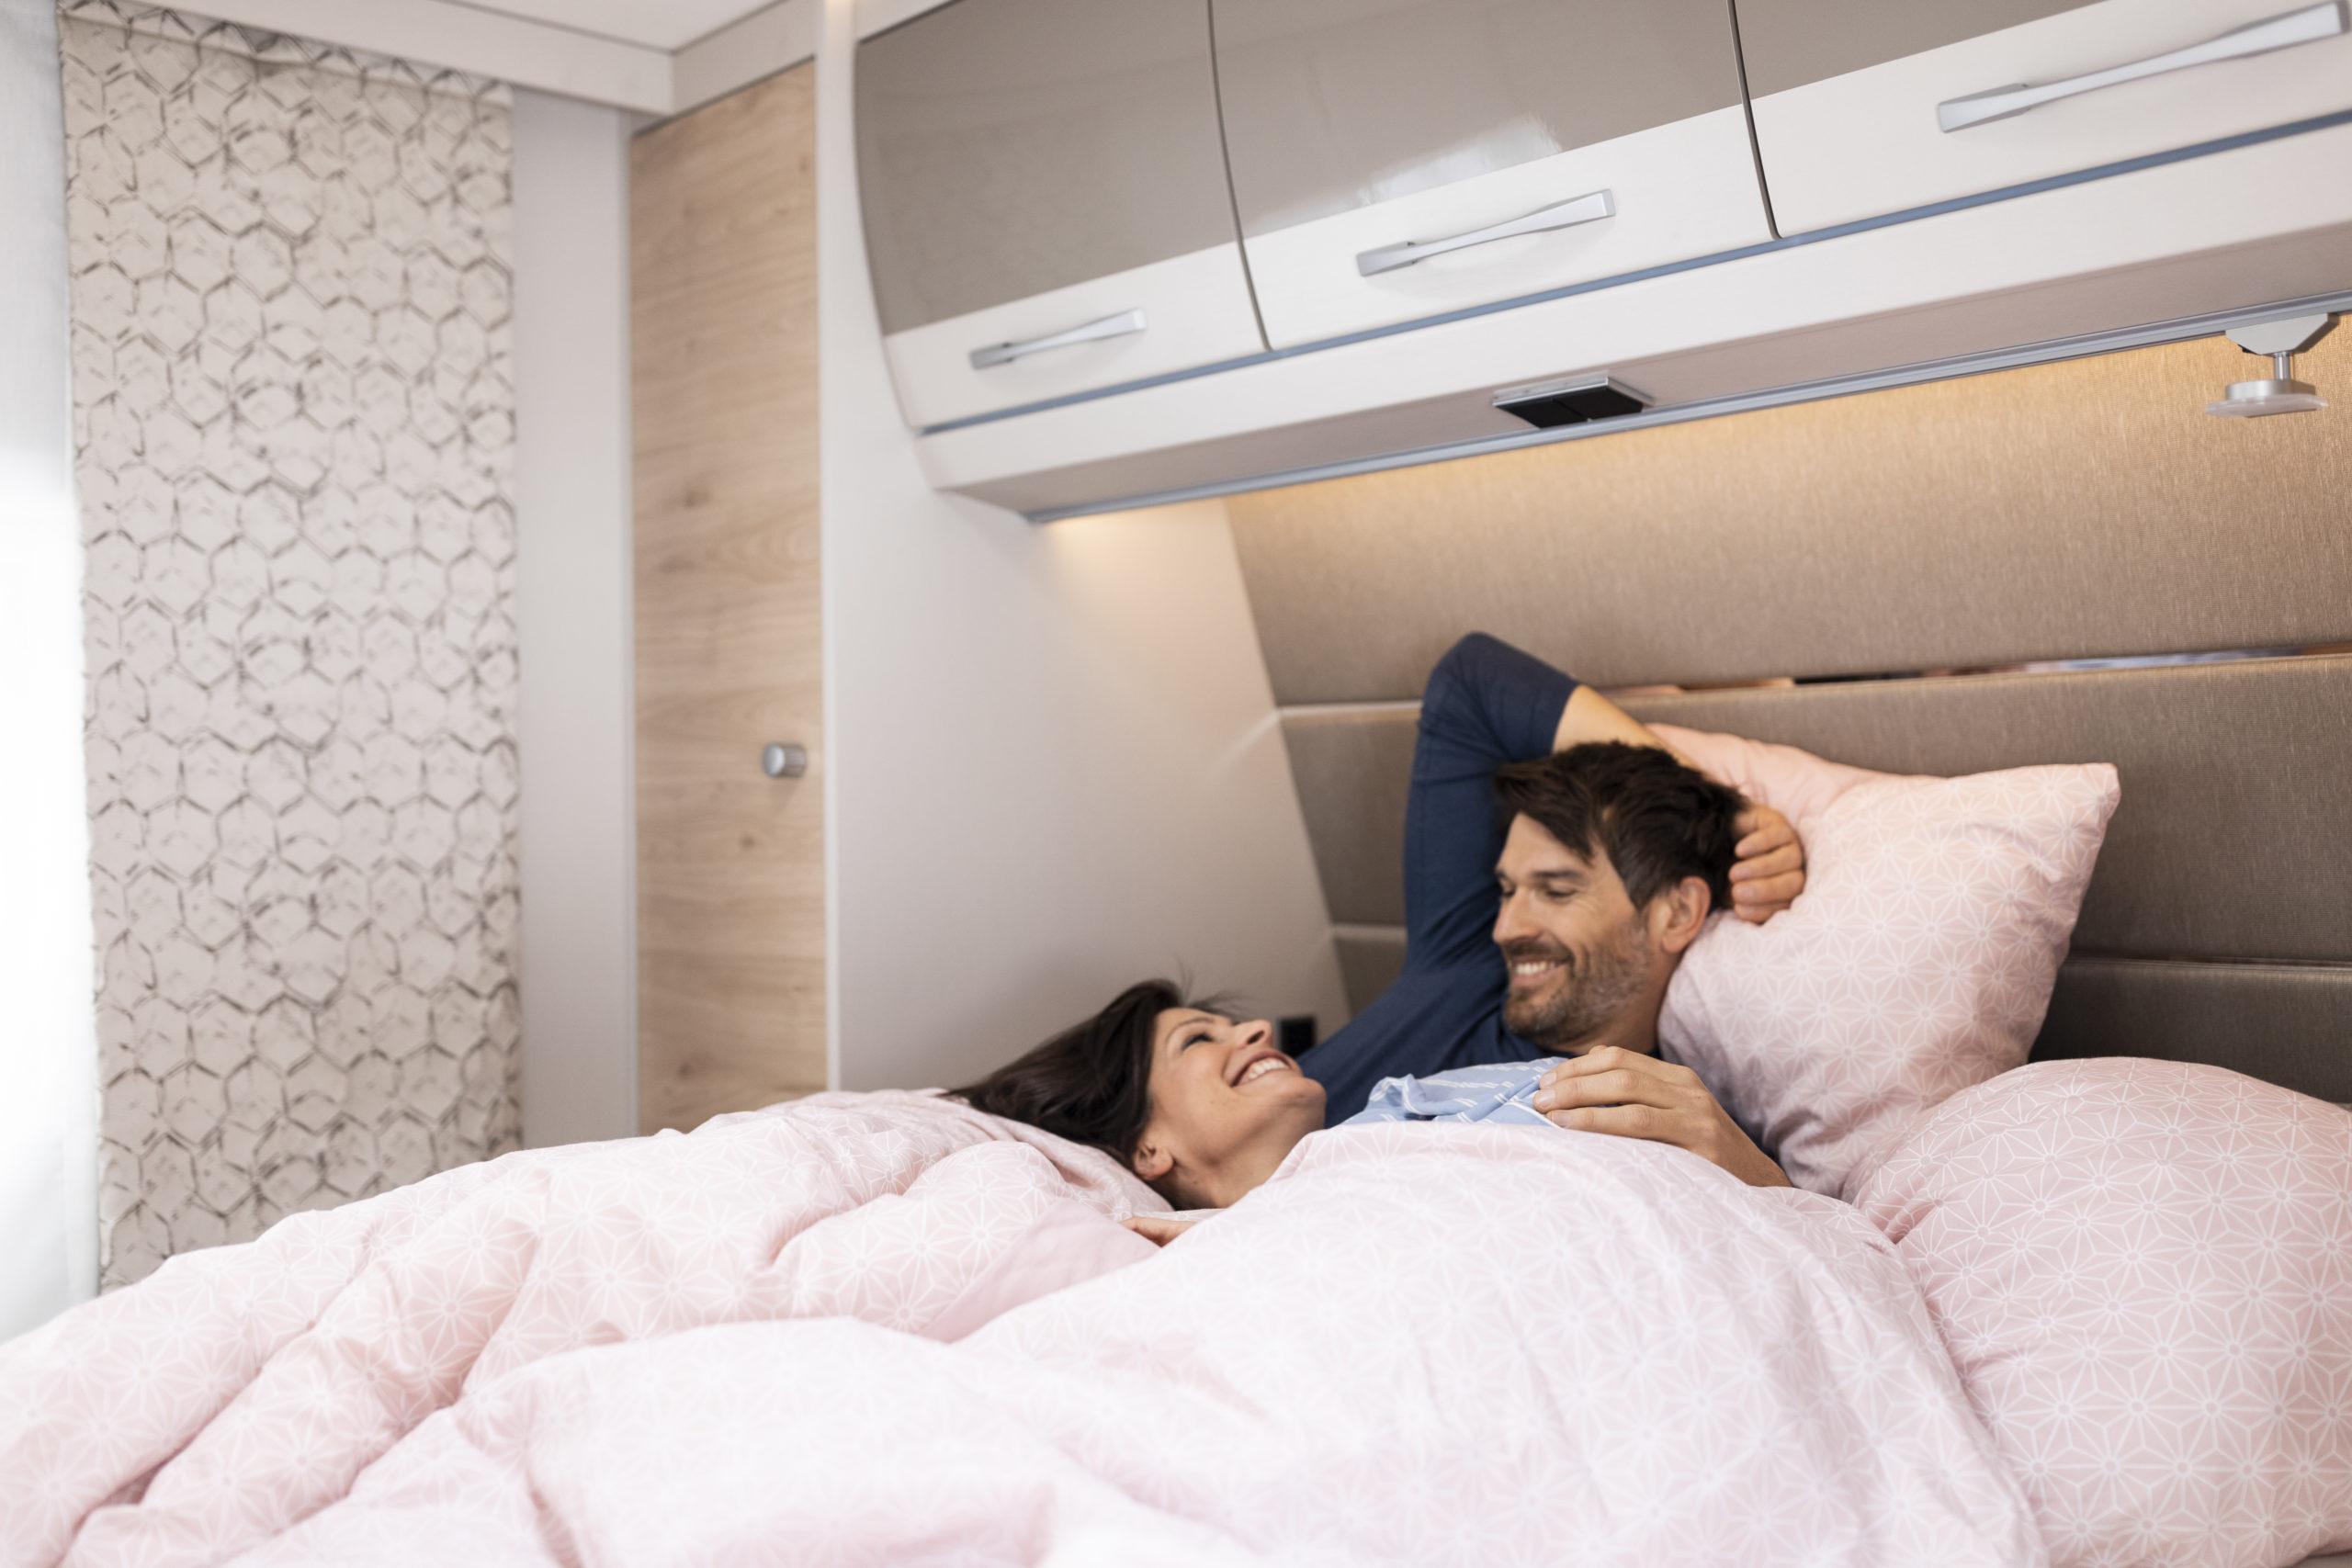 Schlafkomfort wie zuhause - das eigene Bett im Freizeitmobil ist immer an Bord